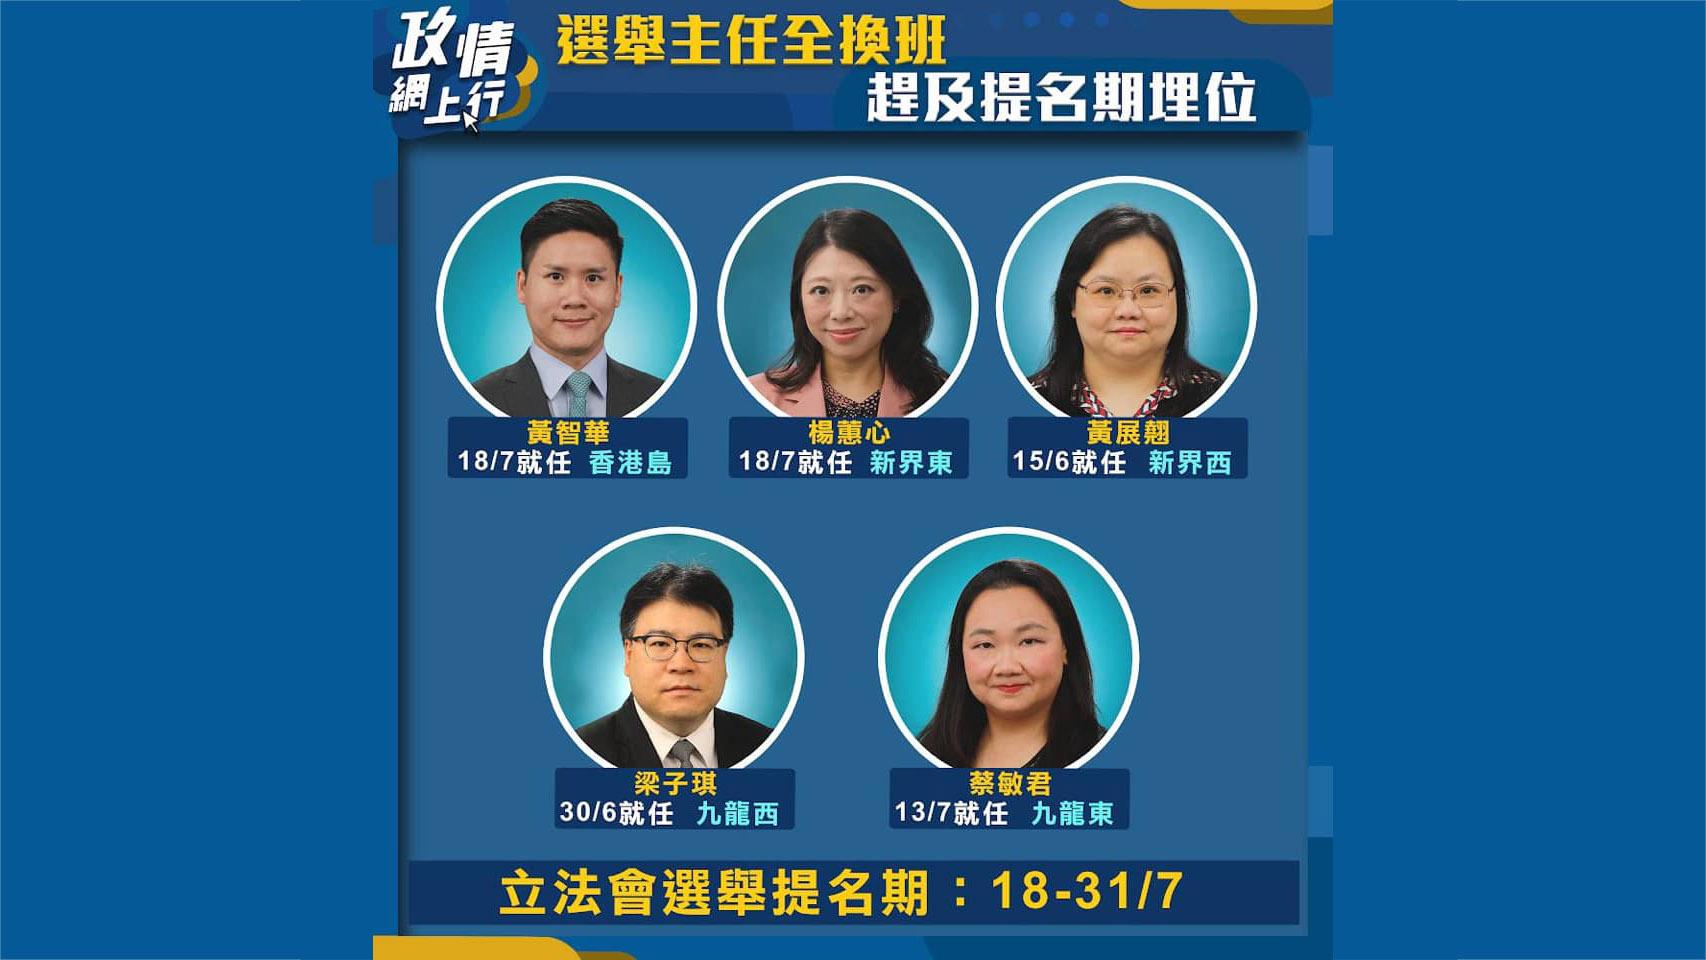 【政情網上行】選舉主任全換班 趕及提名期埋位